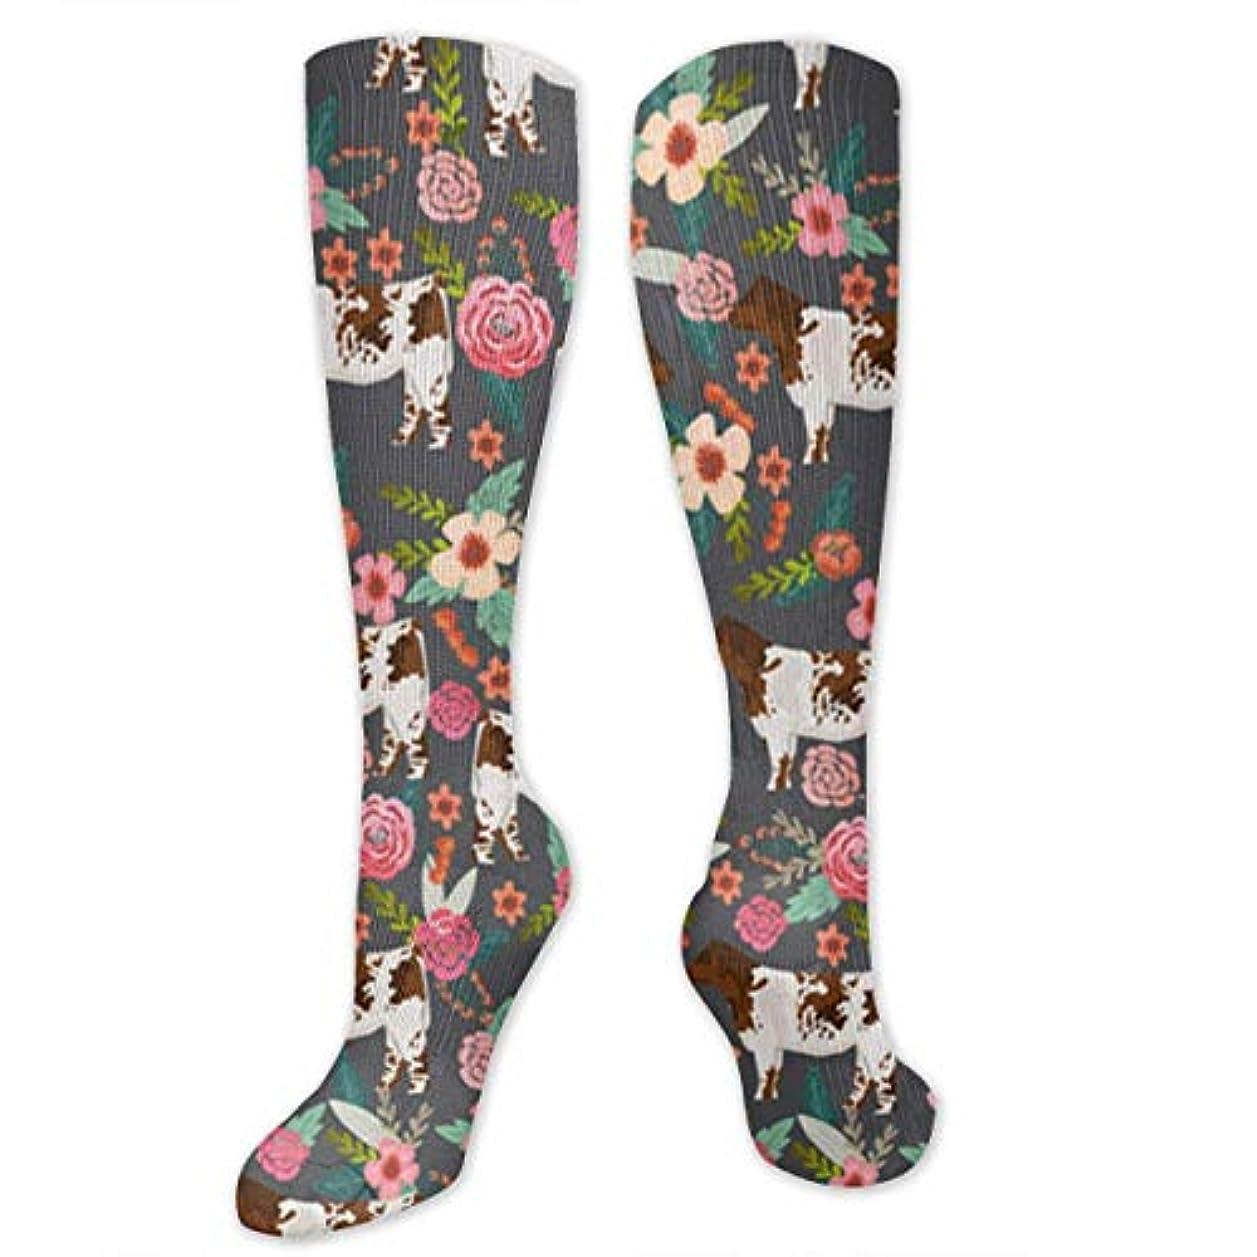 骨折反抗主婦靴下,ストッキング,野生のジョーカー,実際,秋の本質,冬必須,サマーウェア&RBXAA Women's Winter Cotton Long Tube Socks Knee High Graduated Compression...